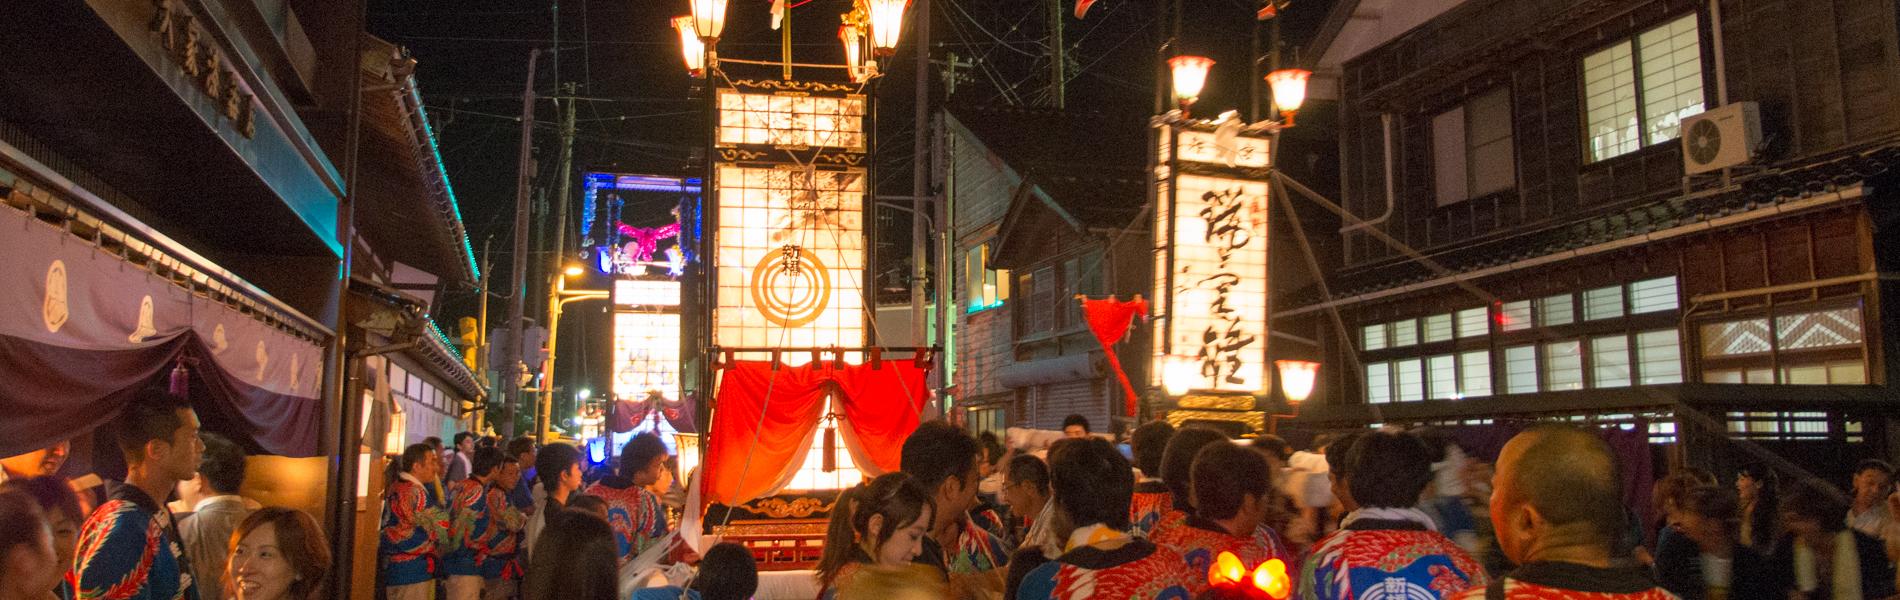 輪島・鳳至のキリコ祭り